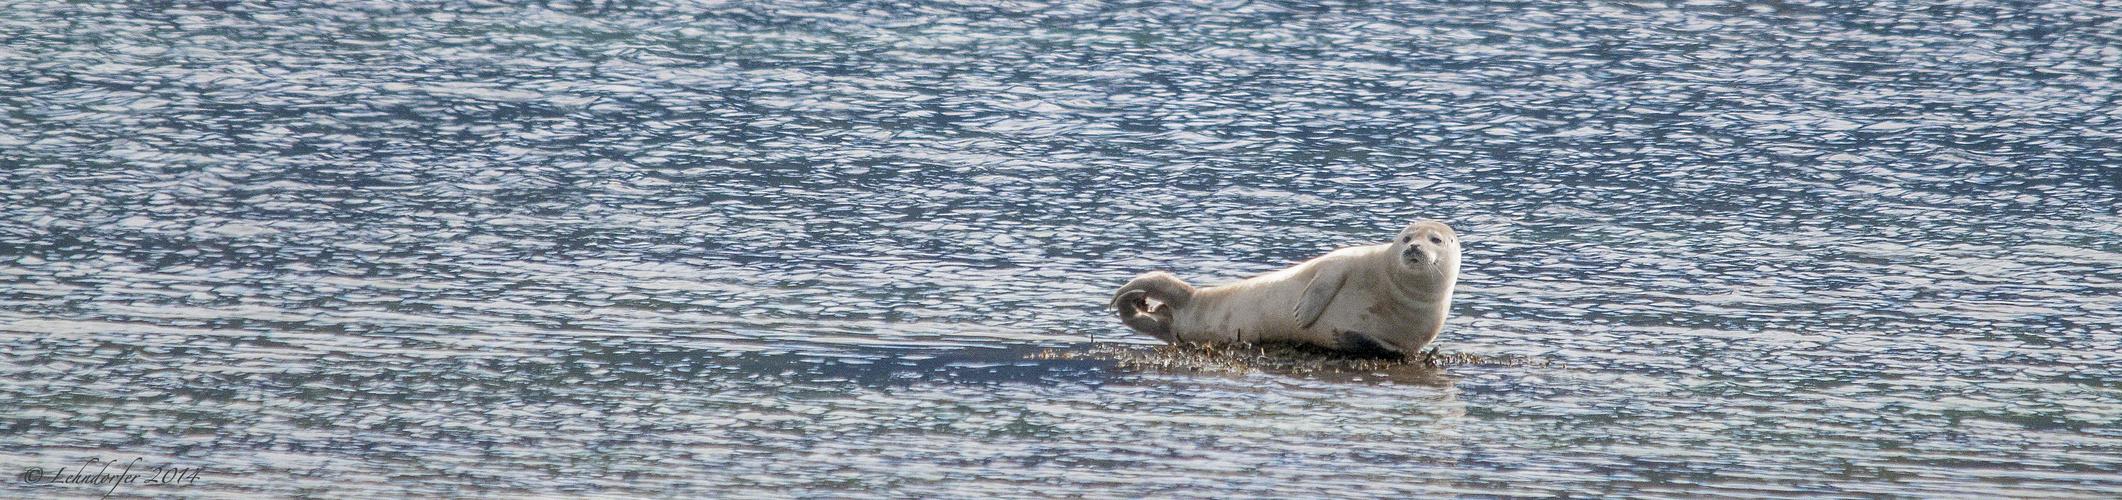 Seehund - gesehen und fotografiert in den Westfjorden in Island